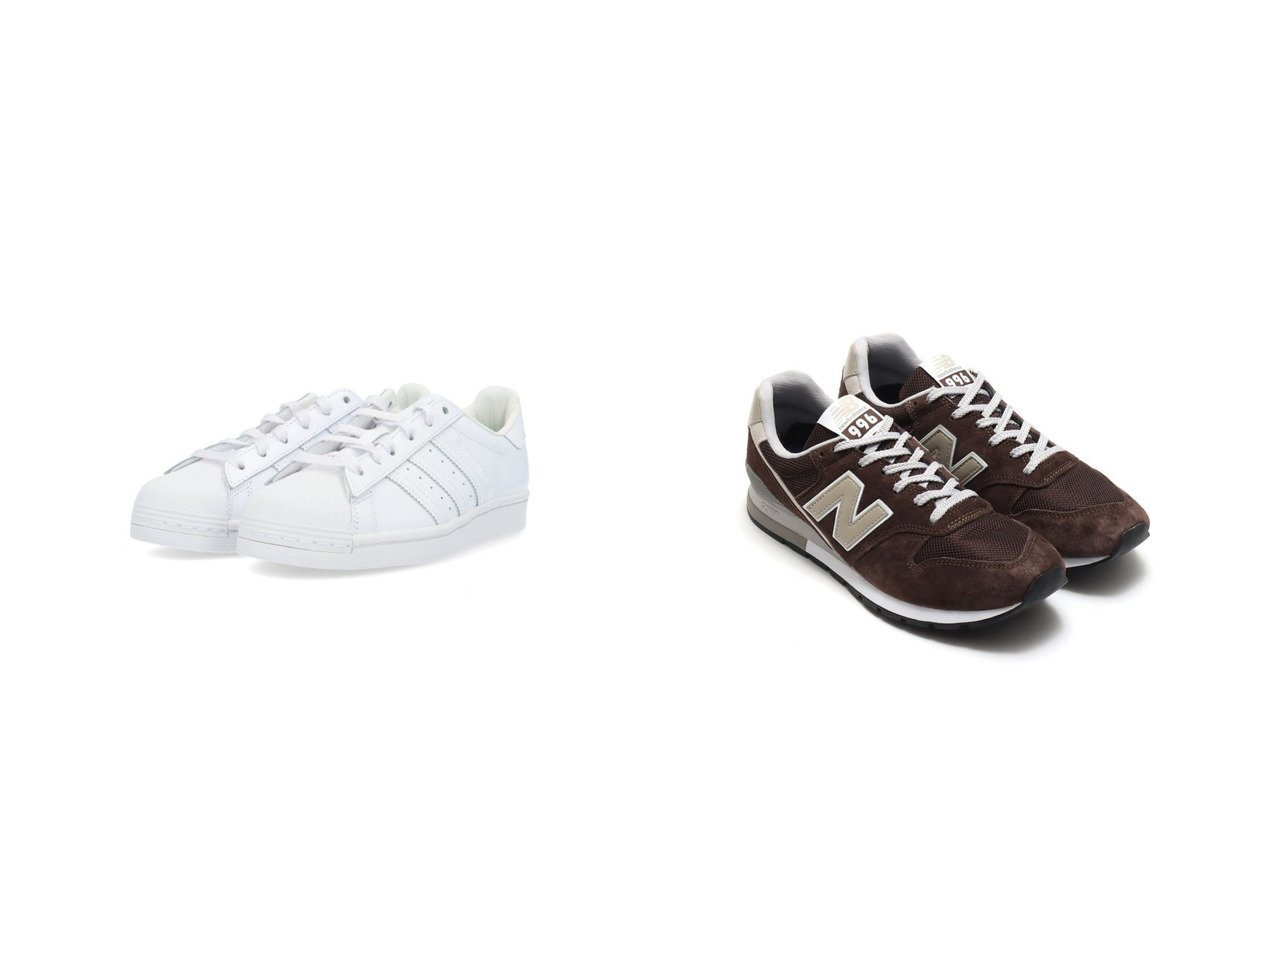 【new balance/ニューバランス】のNew Balance CM996SHB&【adidas Originals/アディダス オリジナルス】の【BEAMS】スーパースター Superstar アディダスオリジナルス 【シューズ・靴】おすすめ!人気、トレンド・レディースファッションの通販  おすすめで人気の流行・トレンド、ファッションの通販商品 インテリア・家具・メンズファッション・キッズファッション・レディースファッション・服の通販 founy(ファニー) https://founy.com/ ファッション Fashion レディースファッション WOMEN クラシック シューズ スニーカー スリッポン インソール クッション クラシカル メッシュ 人気 |ID:crp329100000053903